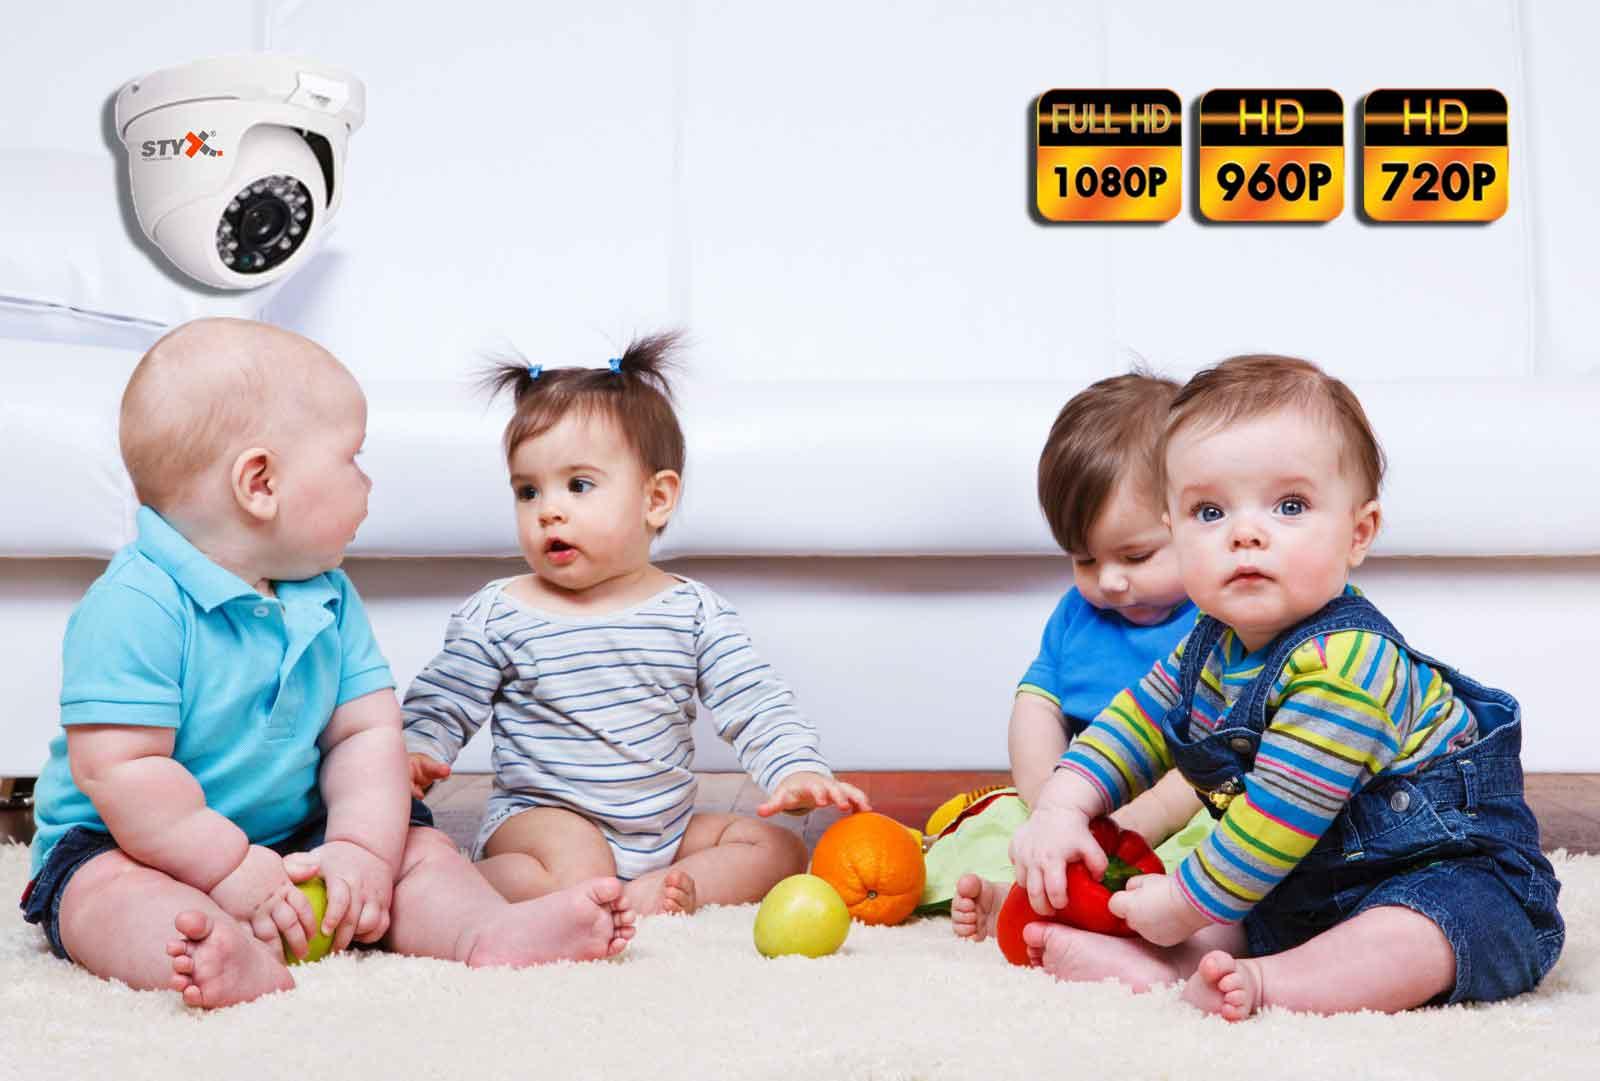 Bebek ve Bakıcı İzleme Sistemleri